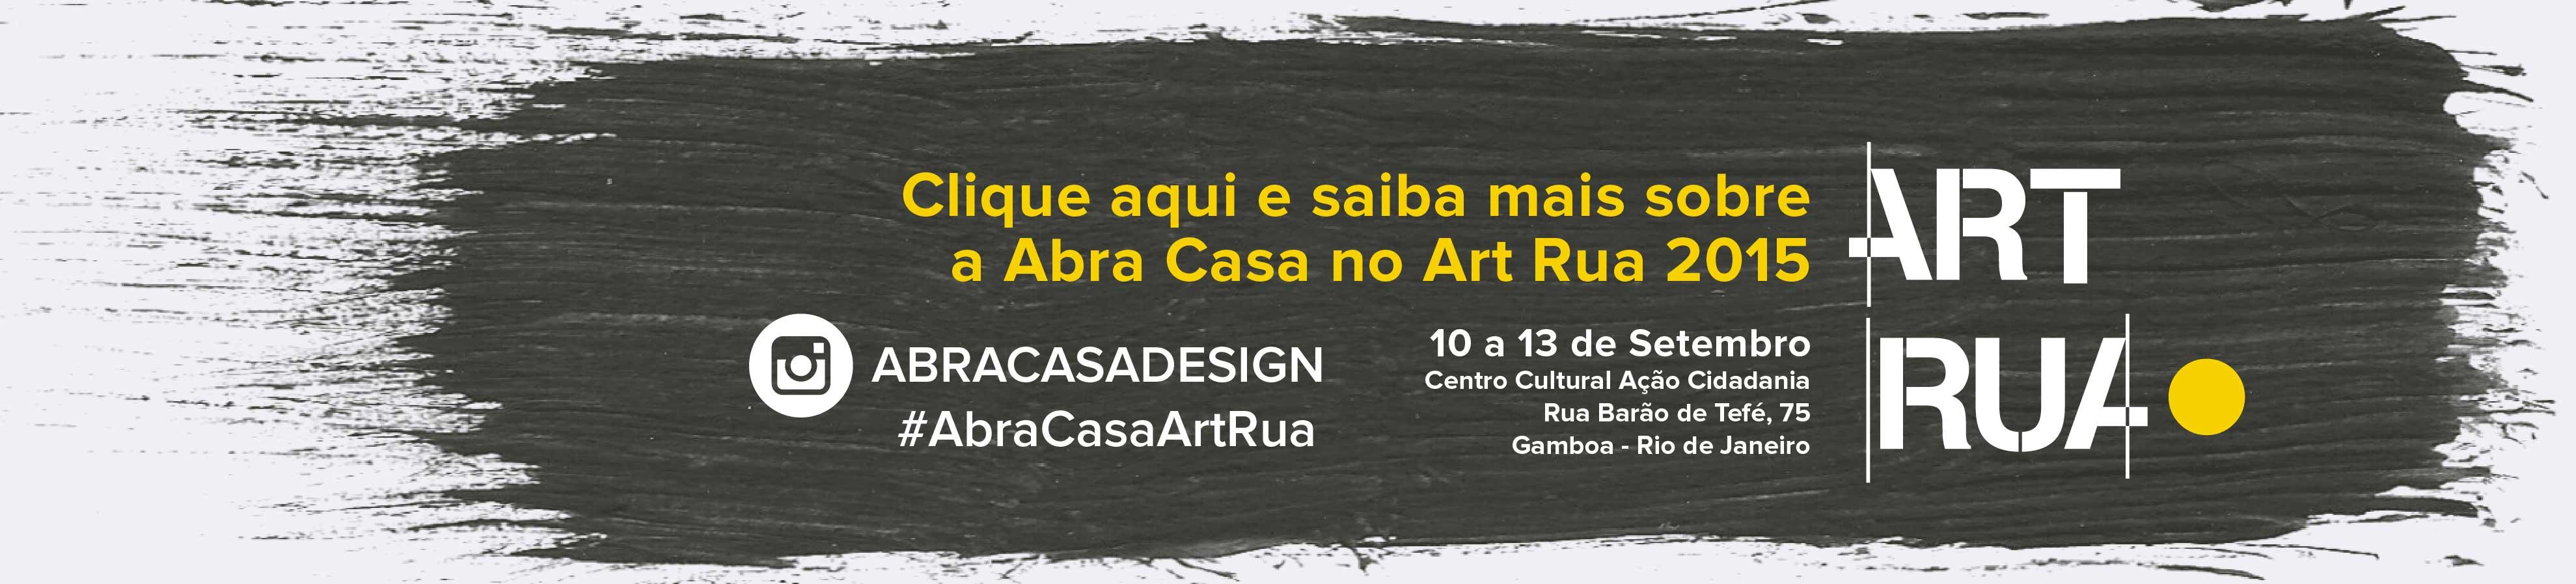 Art Rua